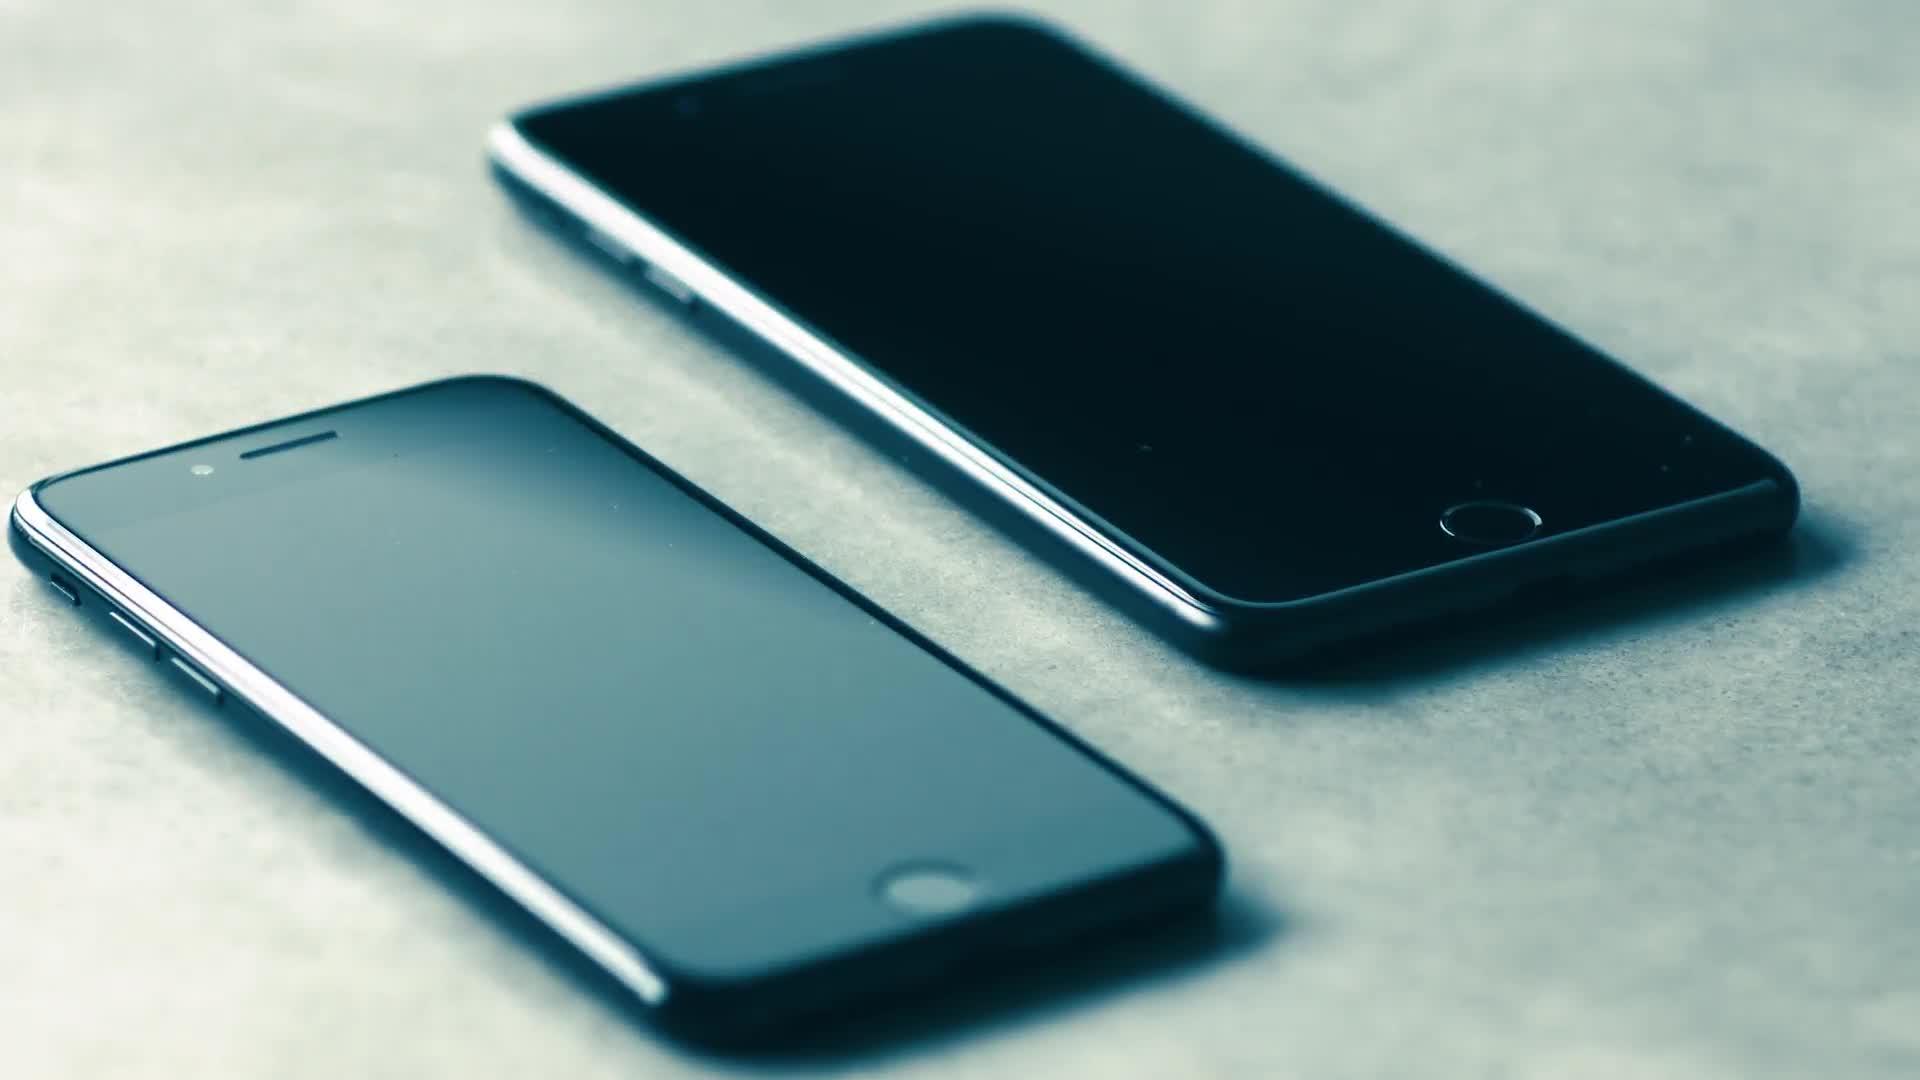 У iPhone 7/7 Plus не работает микрофон. С чем это связано? - фото 1 | Сервисный центр Total Apple